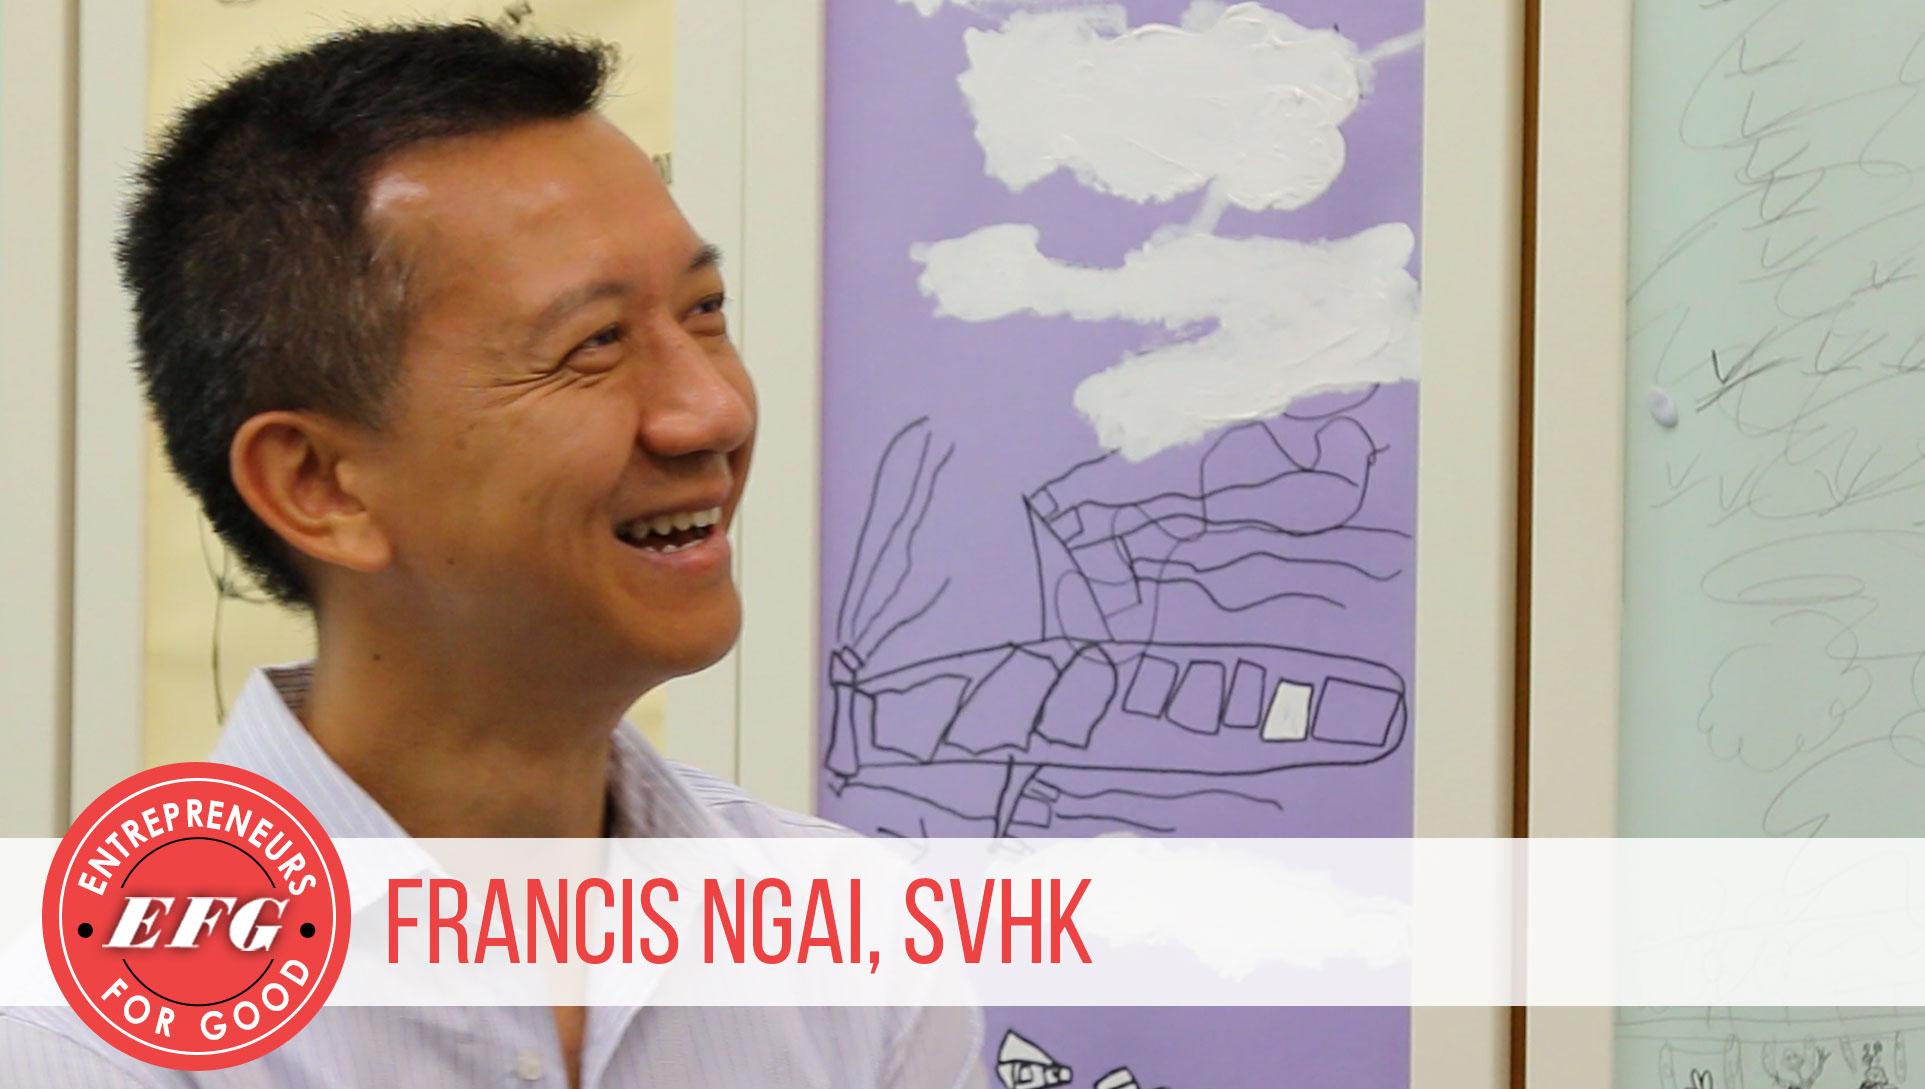 Dream Francis Ng